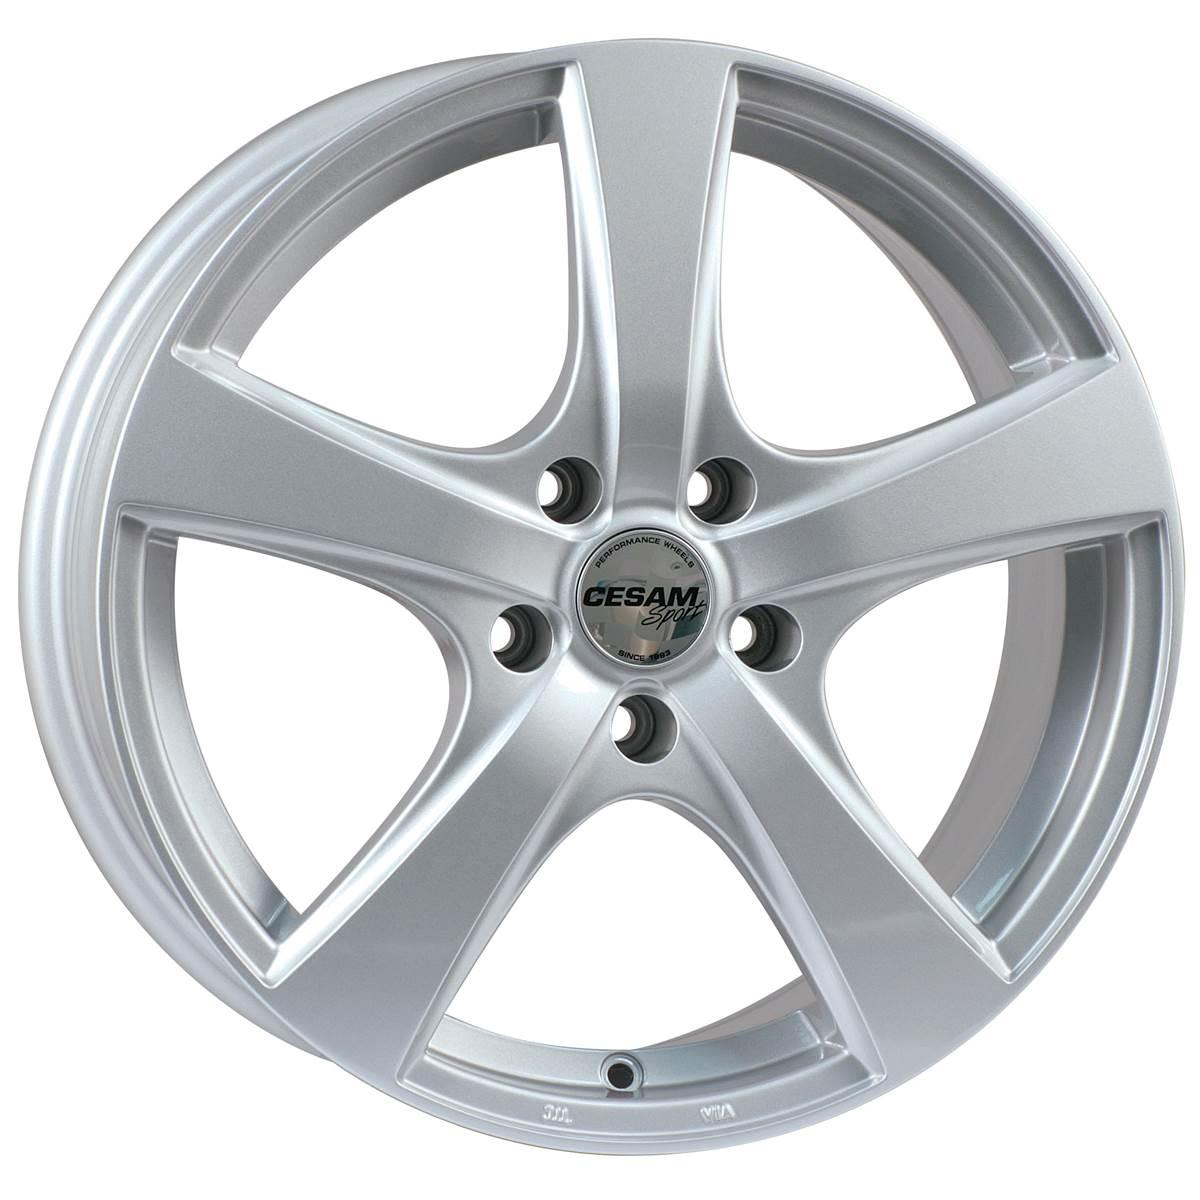 Jante CESAM Artik Silver 5,5x14 4x100ET40